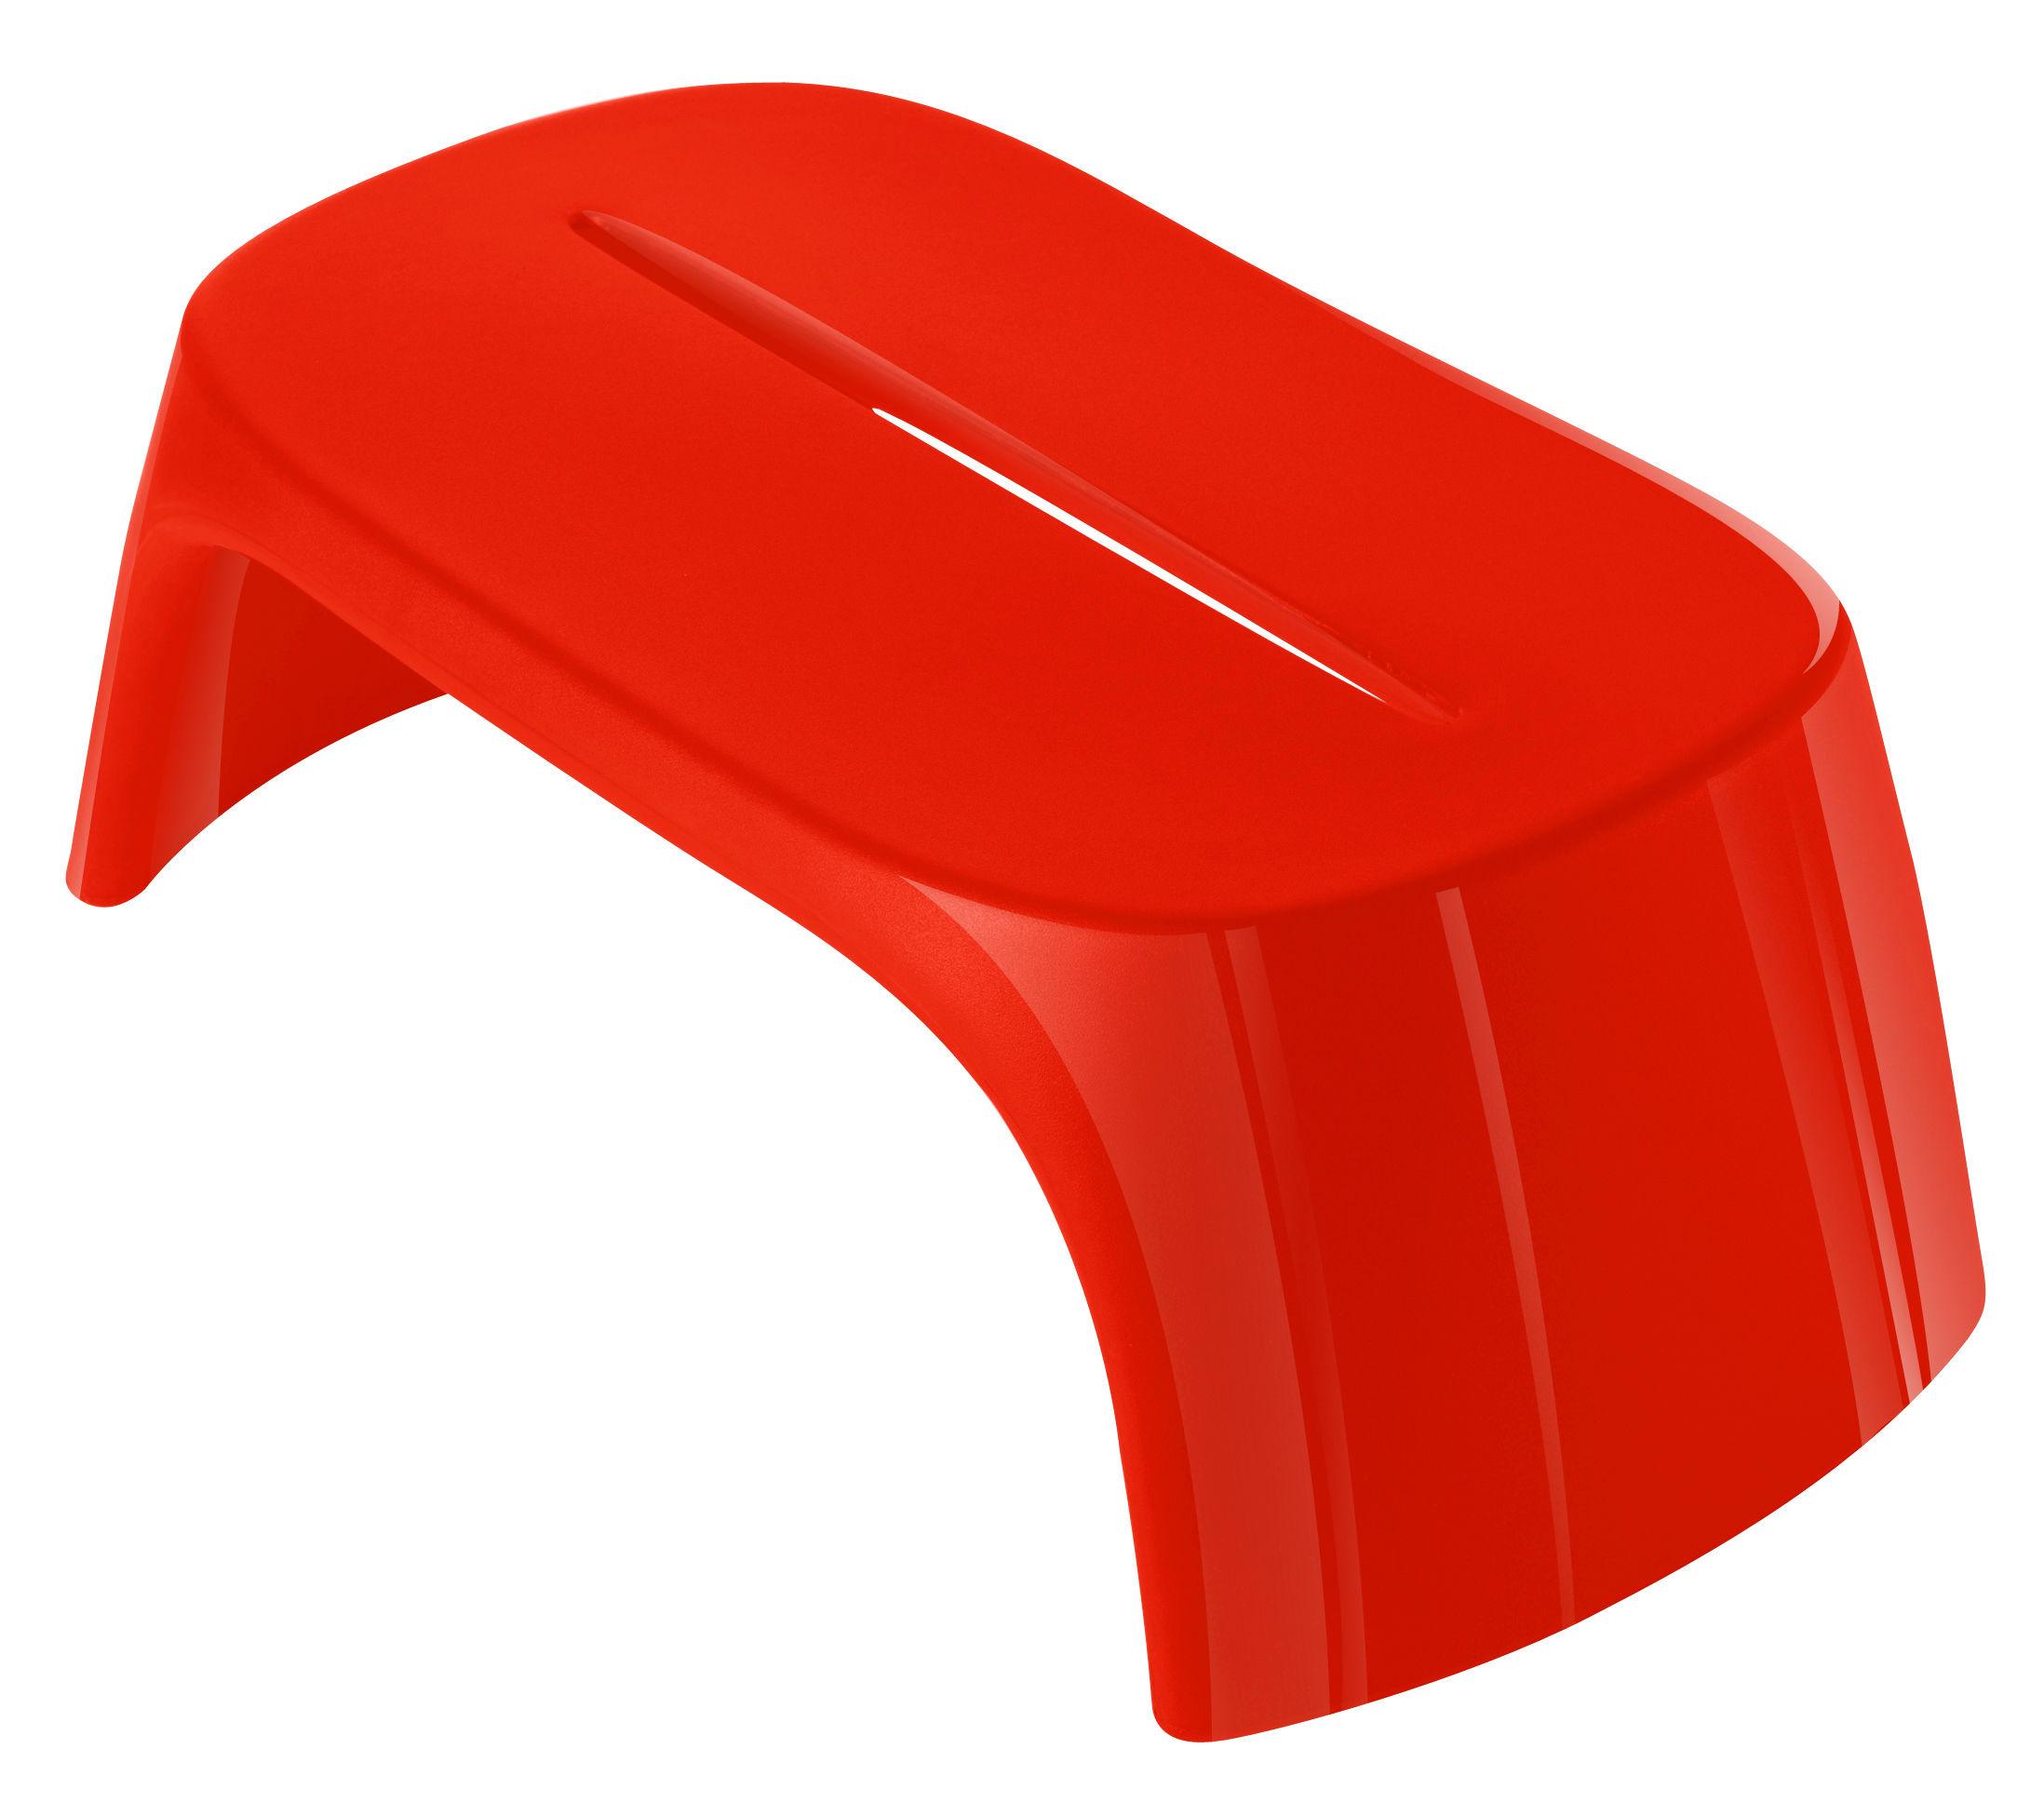 Mobilier - Tables basses - Table basse Amélie / Banc - Version laquée - L 108 cm - Slide - Laqué rouge - Polyéthylène recyclable laqué